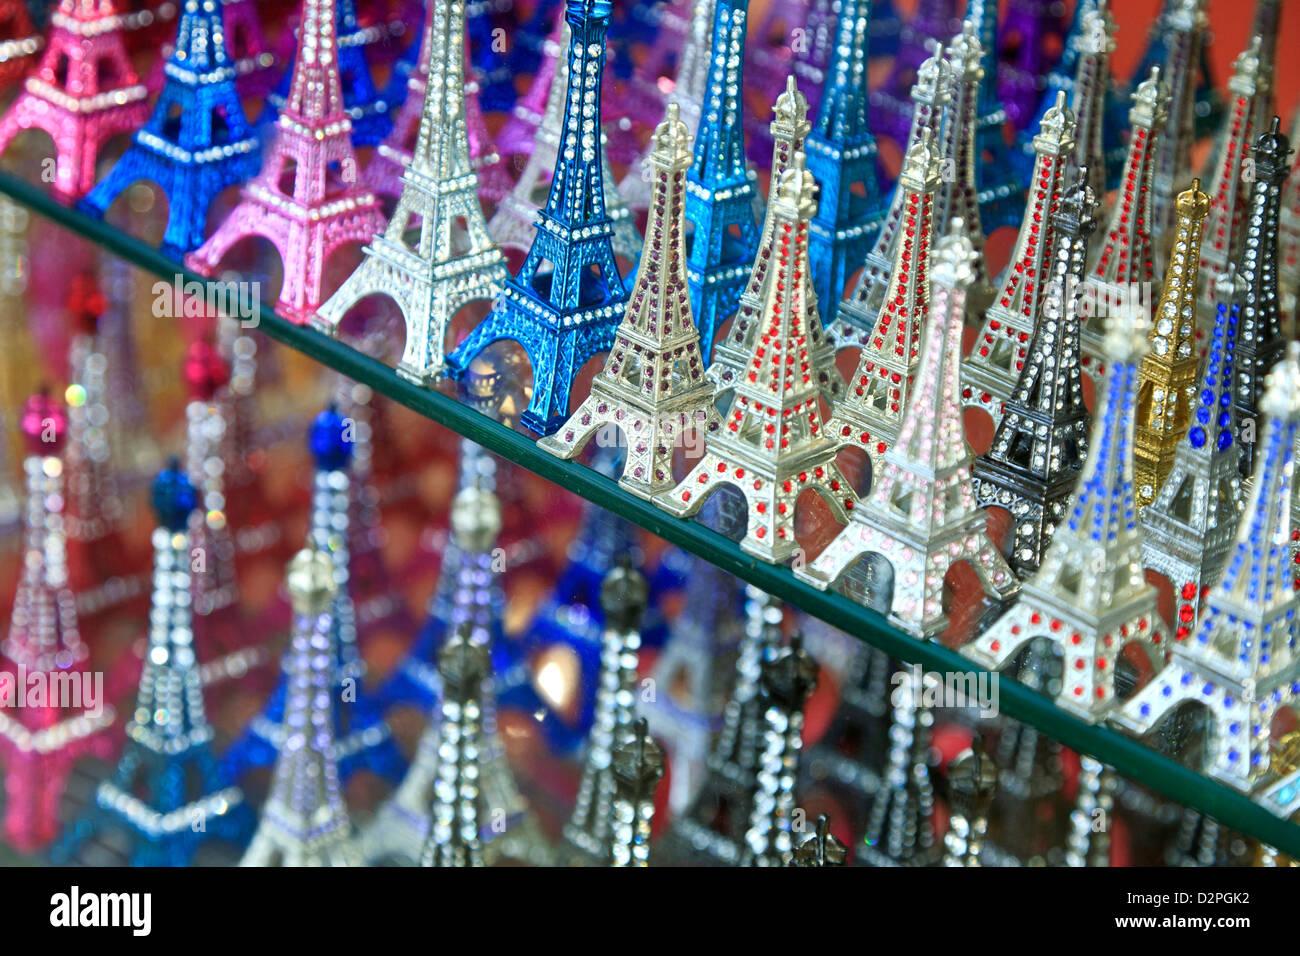 Miniature eiffel tower souvenirs paris france stock photo miniature eiffel tower souvenirs paris france publicscrutiny Images